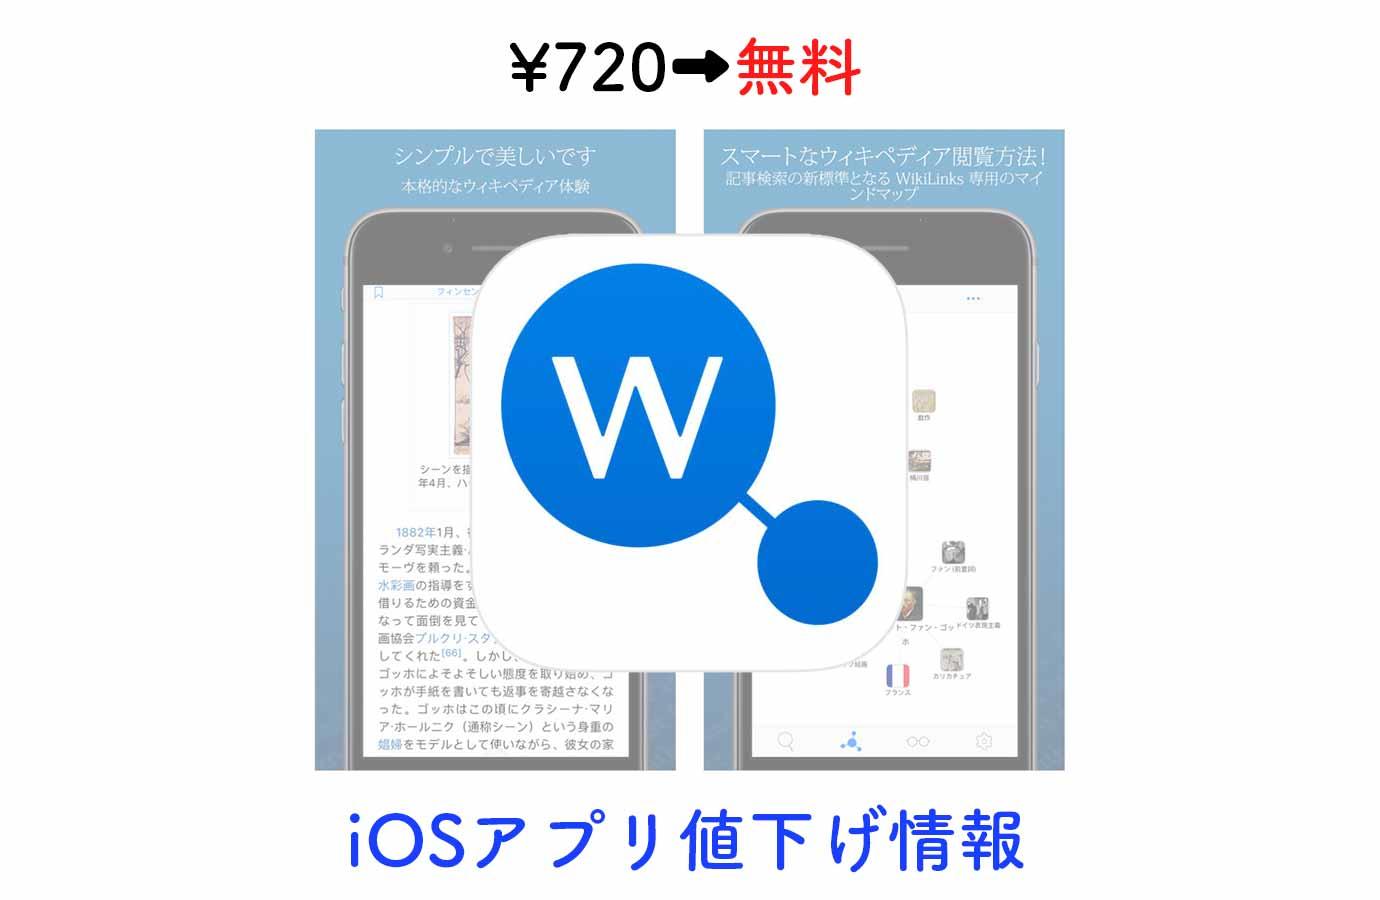 【7/12】¥720→無料、ウィキペディアリーダー「WikiLinks」など[iOSアプリ値下げ情報]